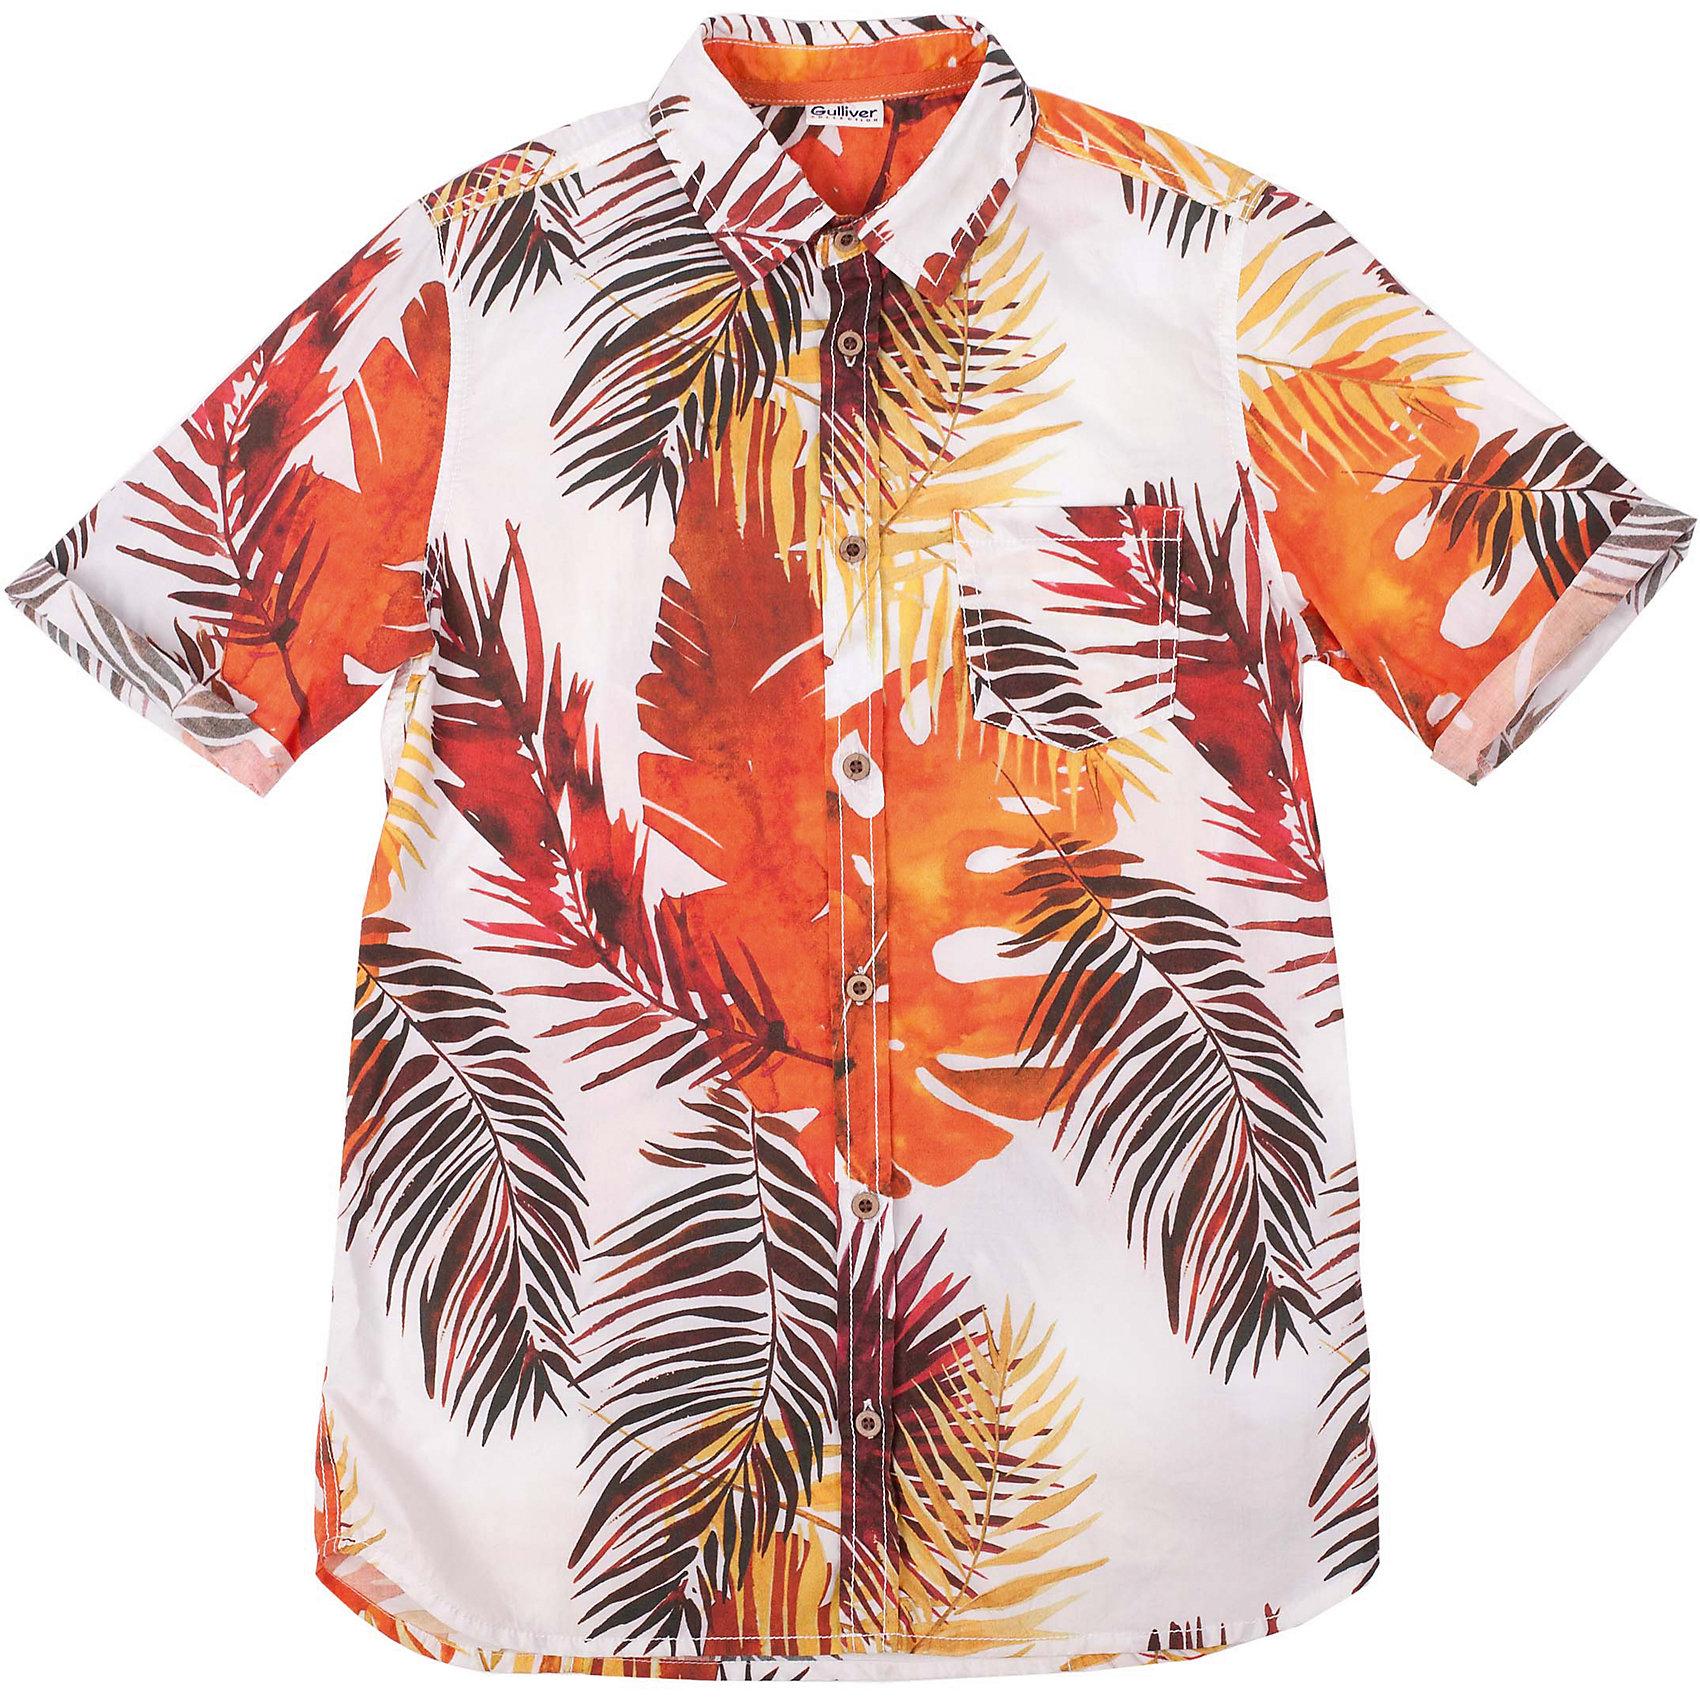 Рубашка для мальчика GulliverБлузки и рубашки<br>Модная рубашка из 100% хлопка с коротким рукавом - прекрасная модель для жаркого лета. Она создает отличное настроение и делает каждый день ребенка комфортным. Цветная рубашка для мальчика из коллекции Камбоджа - лучший пример рубашки в гавайском стиле: сочная цветовая гамма, оригинальный динамичный рисунок ткани, приталенный силуэт делают рубашку стильной, эффектной, оригинальной! Рубашка имеет эффект изделия, слегка выгоревшего на солнце, что, наверняка, понравится модному современному подростку. Если вы решили купить летнюю рубашку для мальчика, эта яркая, позитивная, удобная модель - отличный выбор!<br>Состав:<br>100% хлопок<br><br>Ширина мм: 174<br>Глубина мм: 10<br>Высота мм: 169<br>Вес г: 157<br>Цвет: белый<br>Возраст от месяцев: 120<br>Возраст до месяцев: 132<br>Пол: Мужской<br>Возраст: Детский<br>Размер: 146,164,152,158<br>SKU: 4535088